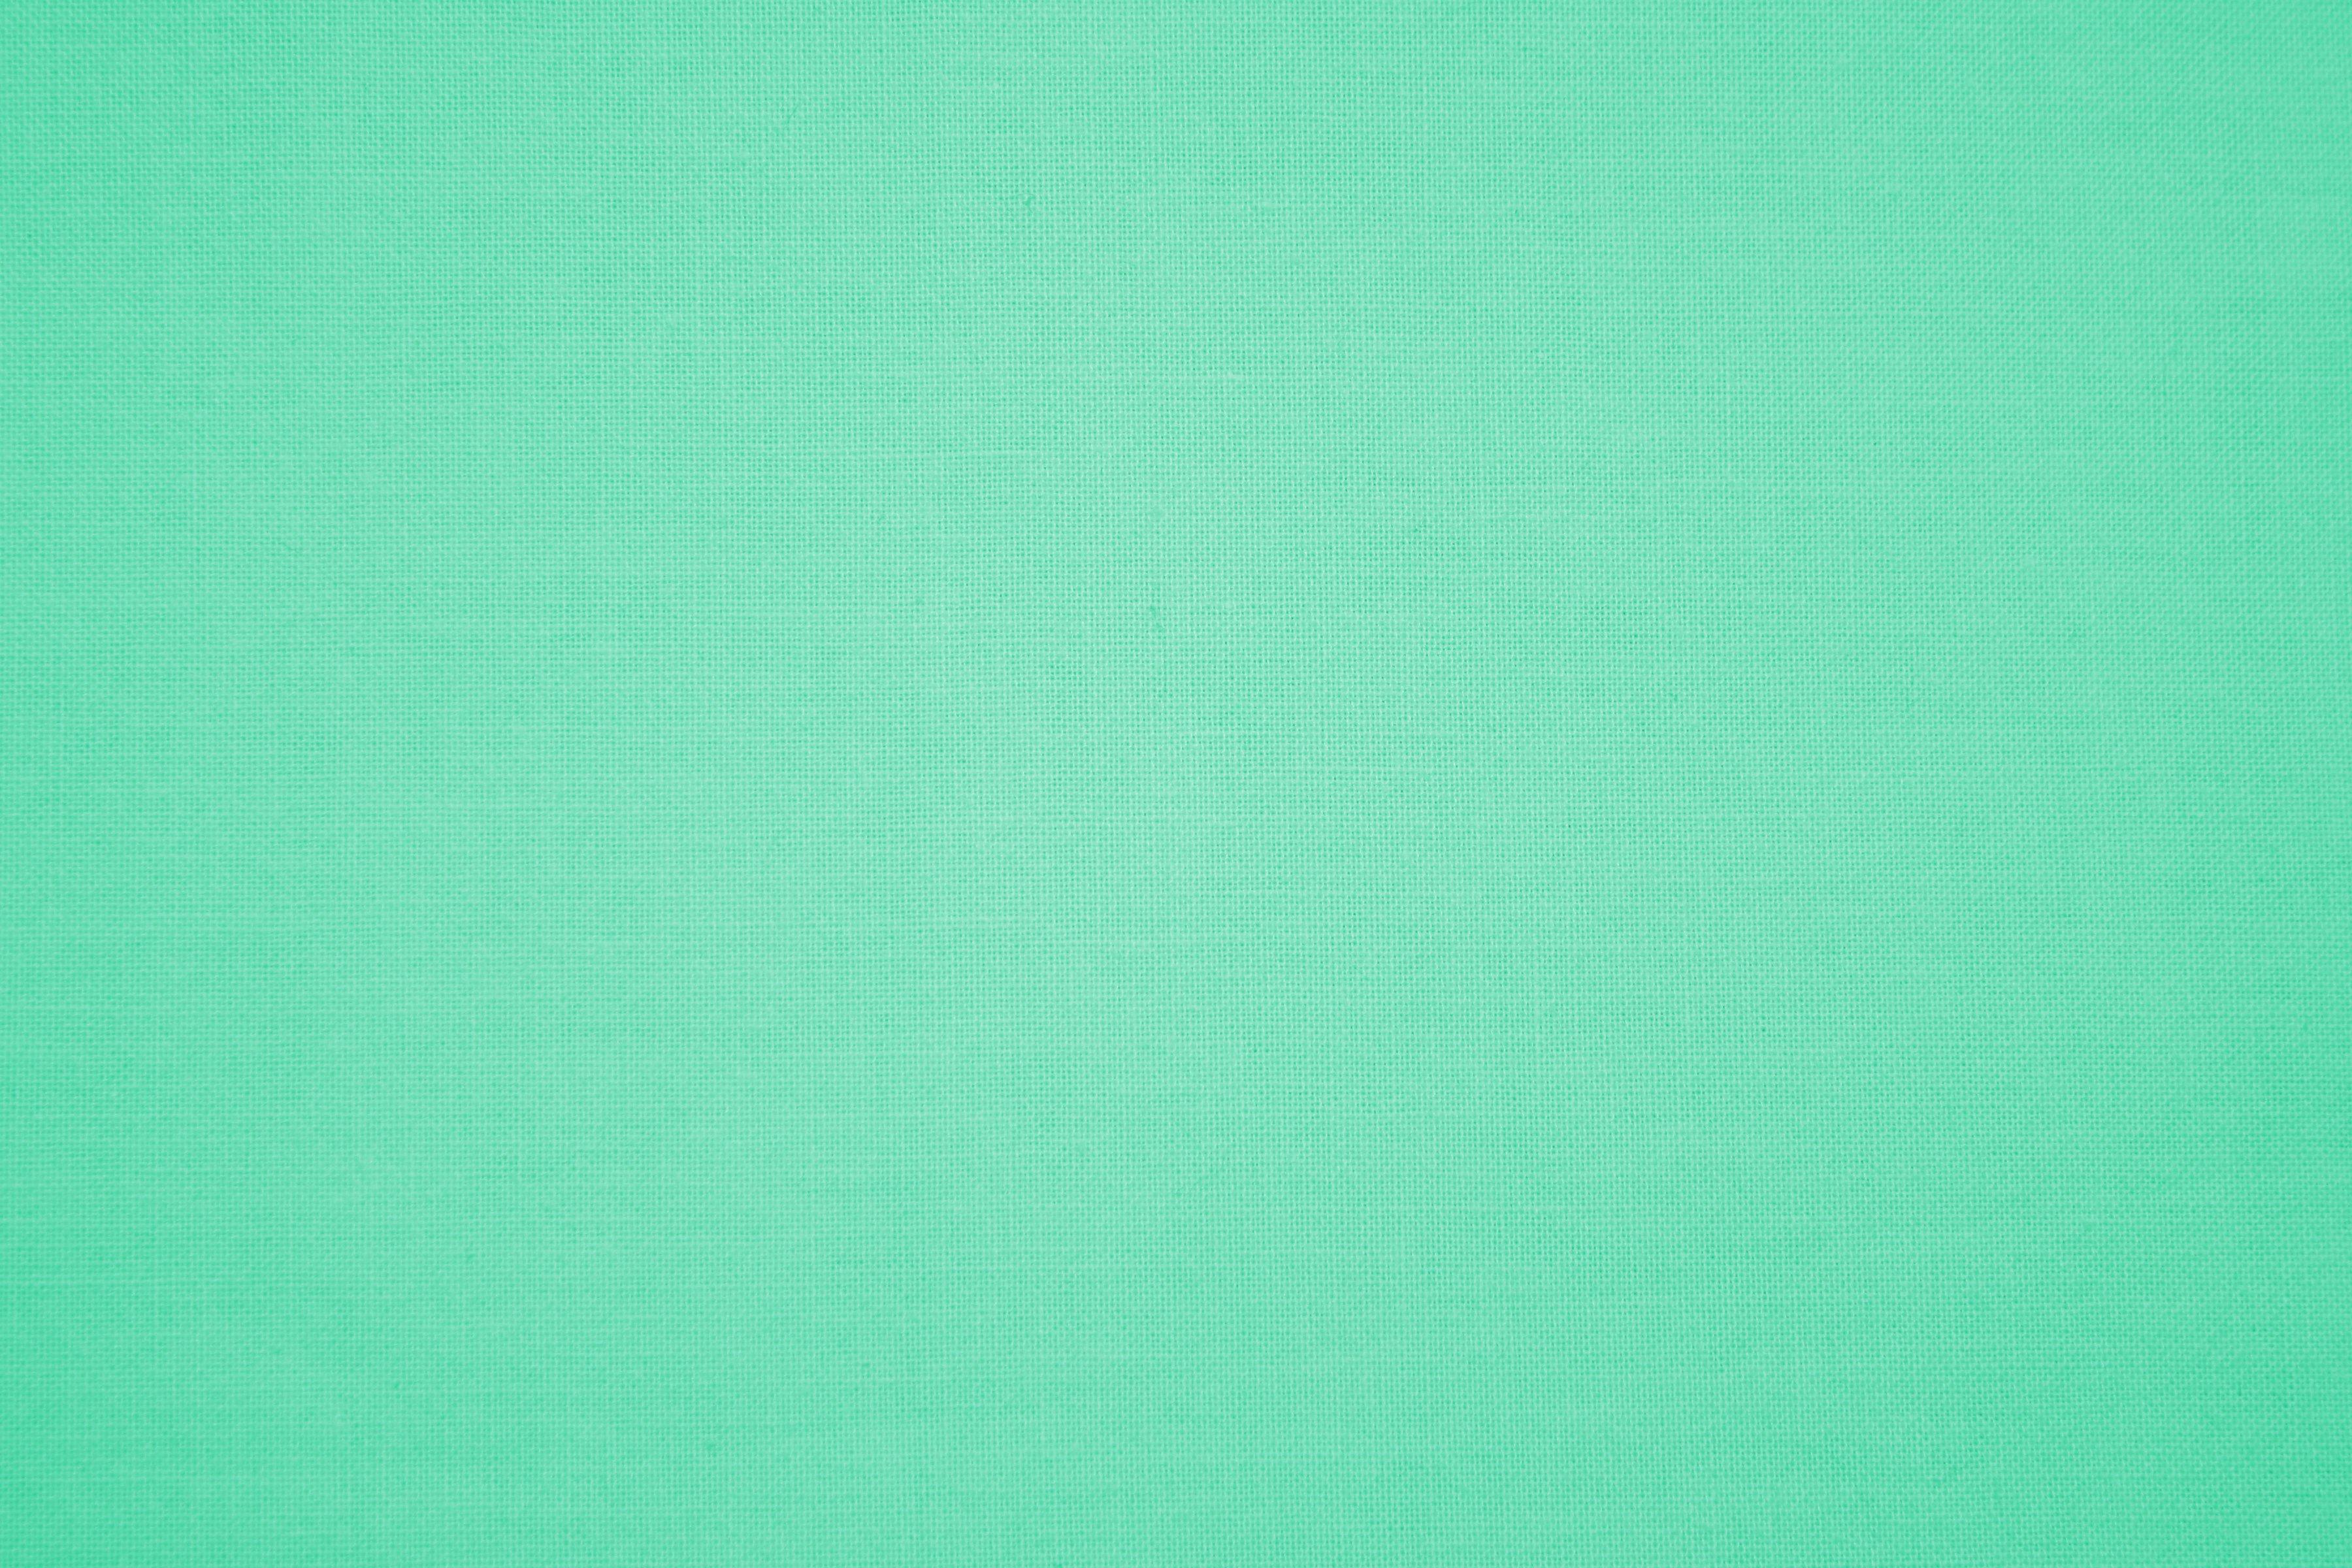 Aqua Green Color